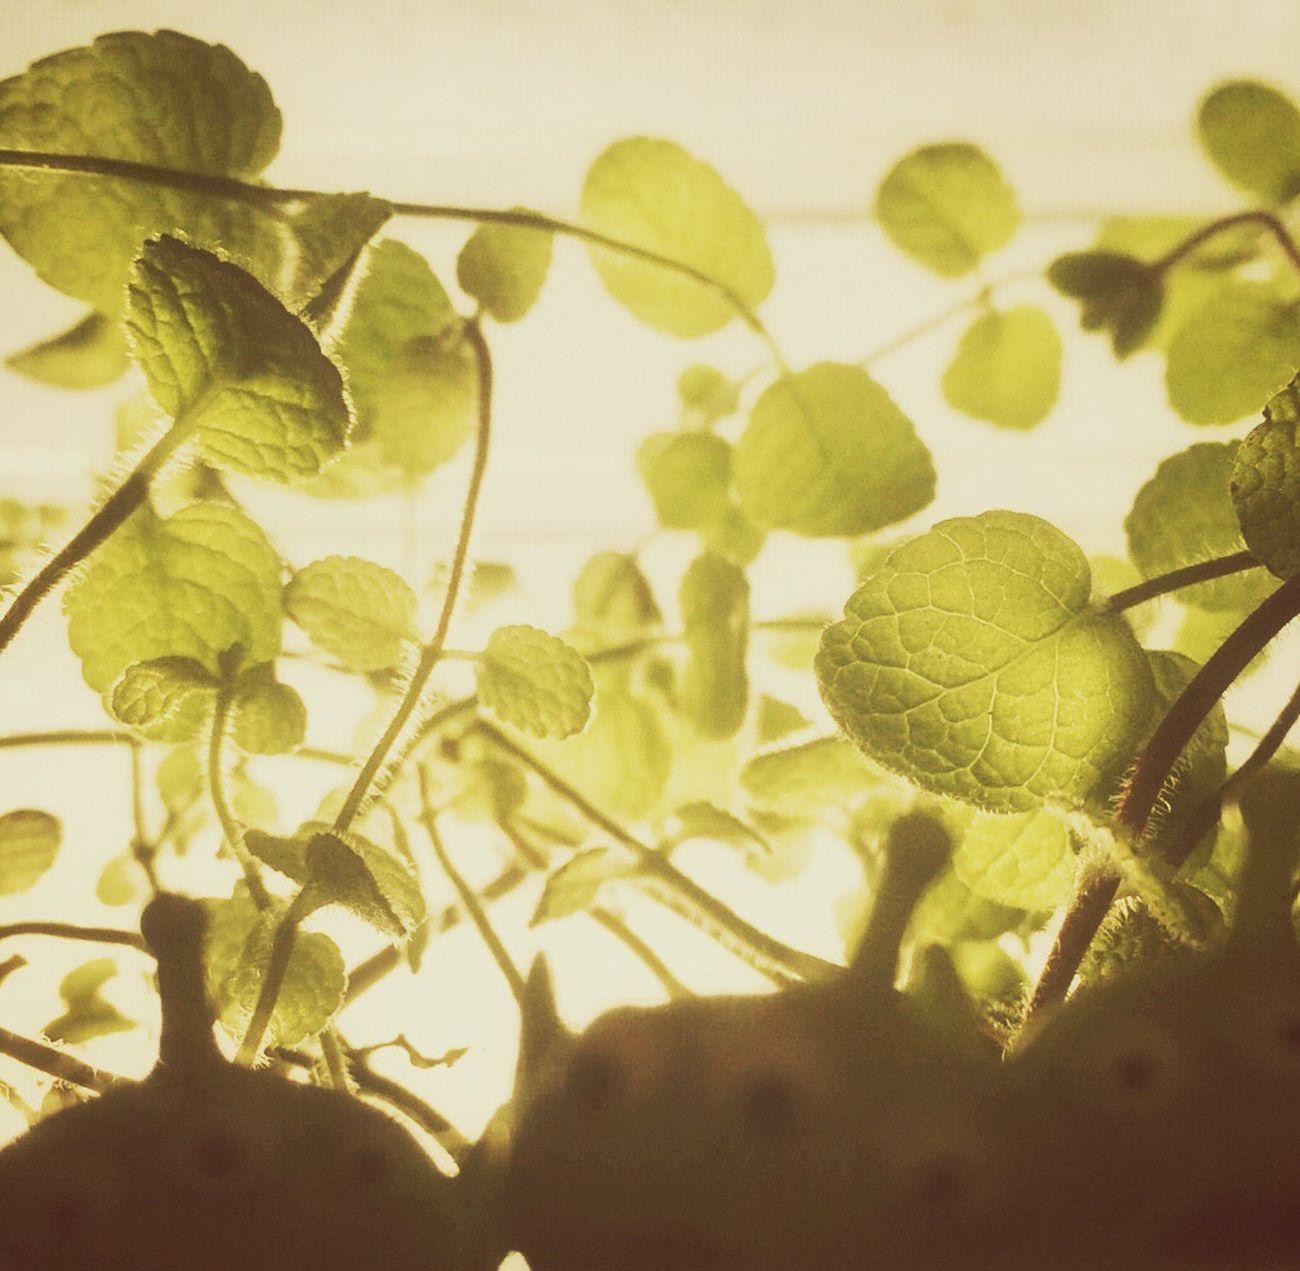 Alien Applemint Mint Mint Leaves Toystory Sunlight Leaf Plant Close-up Iphonephotography Snapseed Streamzoofamily アップルミントが瀕死の状態から元気に😌✨👍✨🎵たまに剪定するけど、剪定直後は悲しそうな状態に思える😵💦痛々しく、一時剪定辞めたけど、それはそれで伸ばしすぎも鉢植えではダメな様で、剪定後しばらくして元気になりホッとする🌝✨